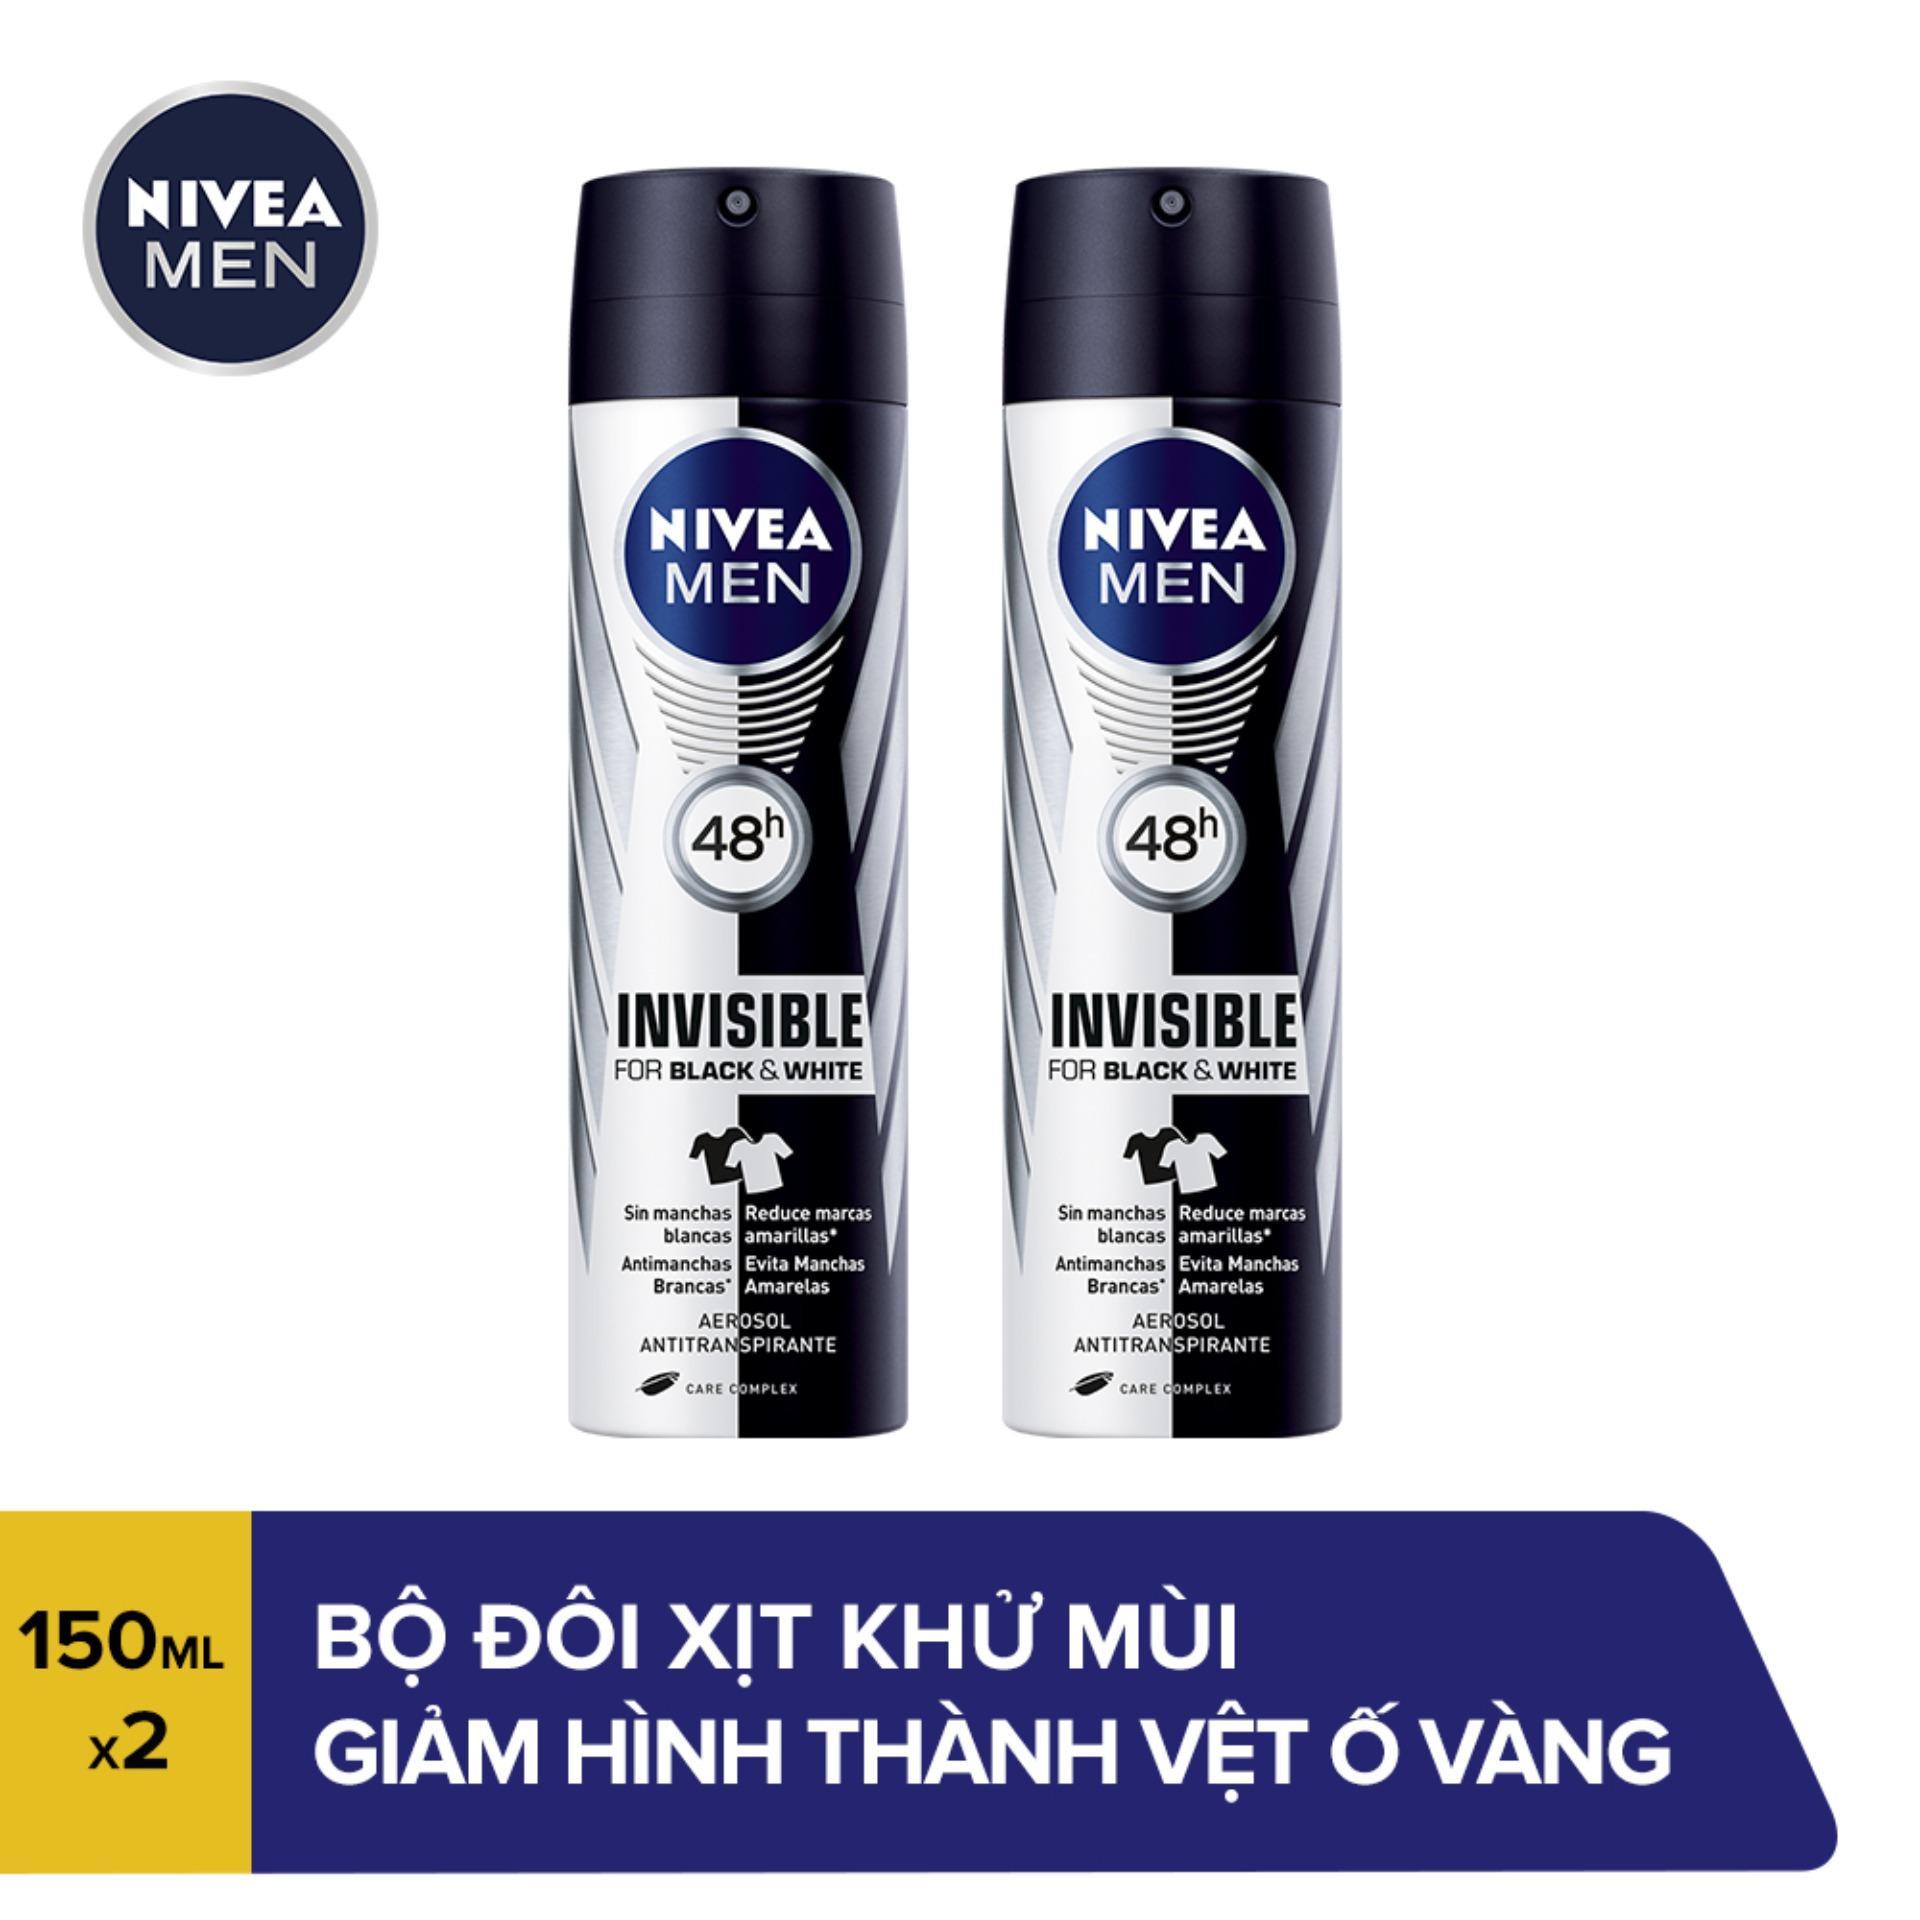 Bộ đôi Xịt Ngăn Mùi Giảm Hình Thành Vệt Ố Vàng Trên Quần Áo Dành Cho Nam Nivea Black & White 82241 (150ml x 2) cao cấp